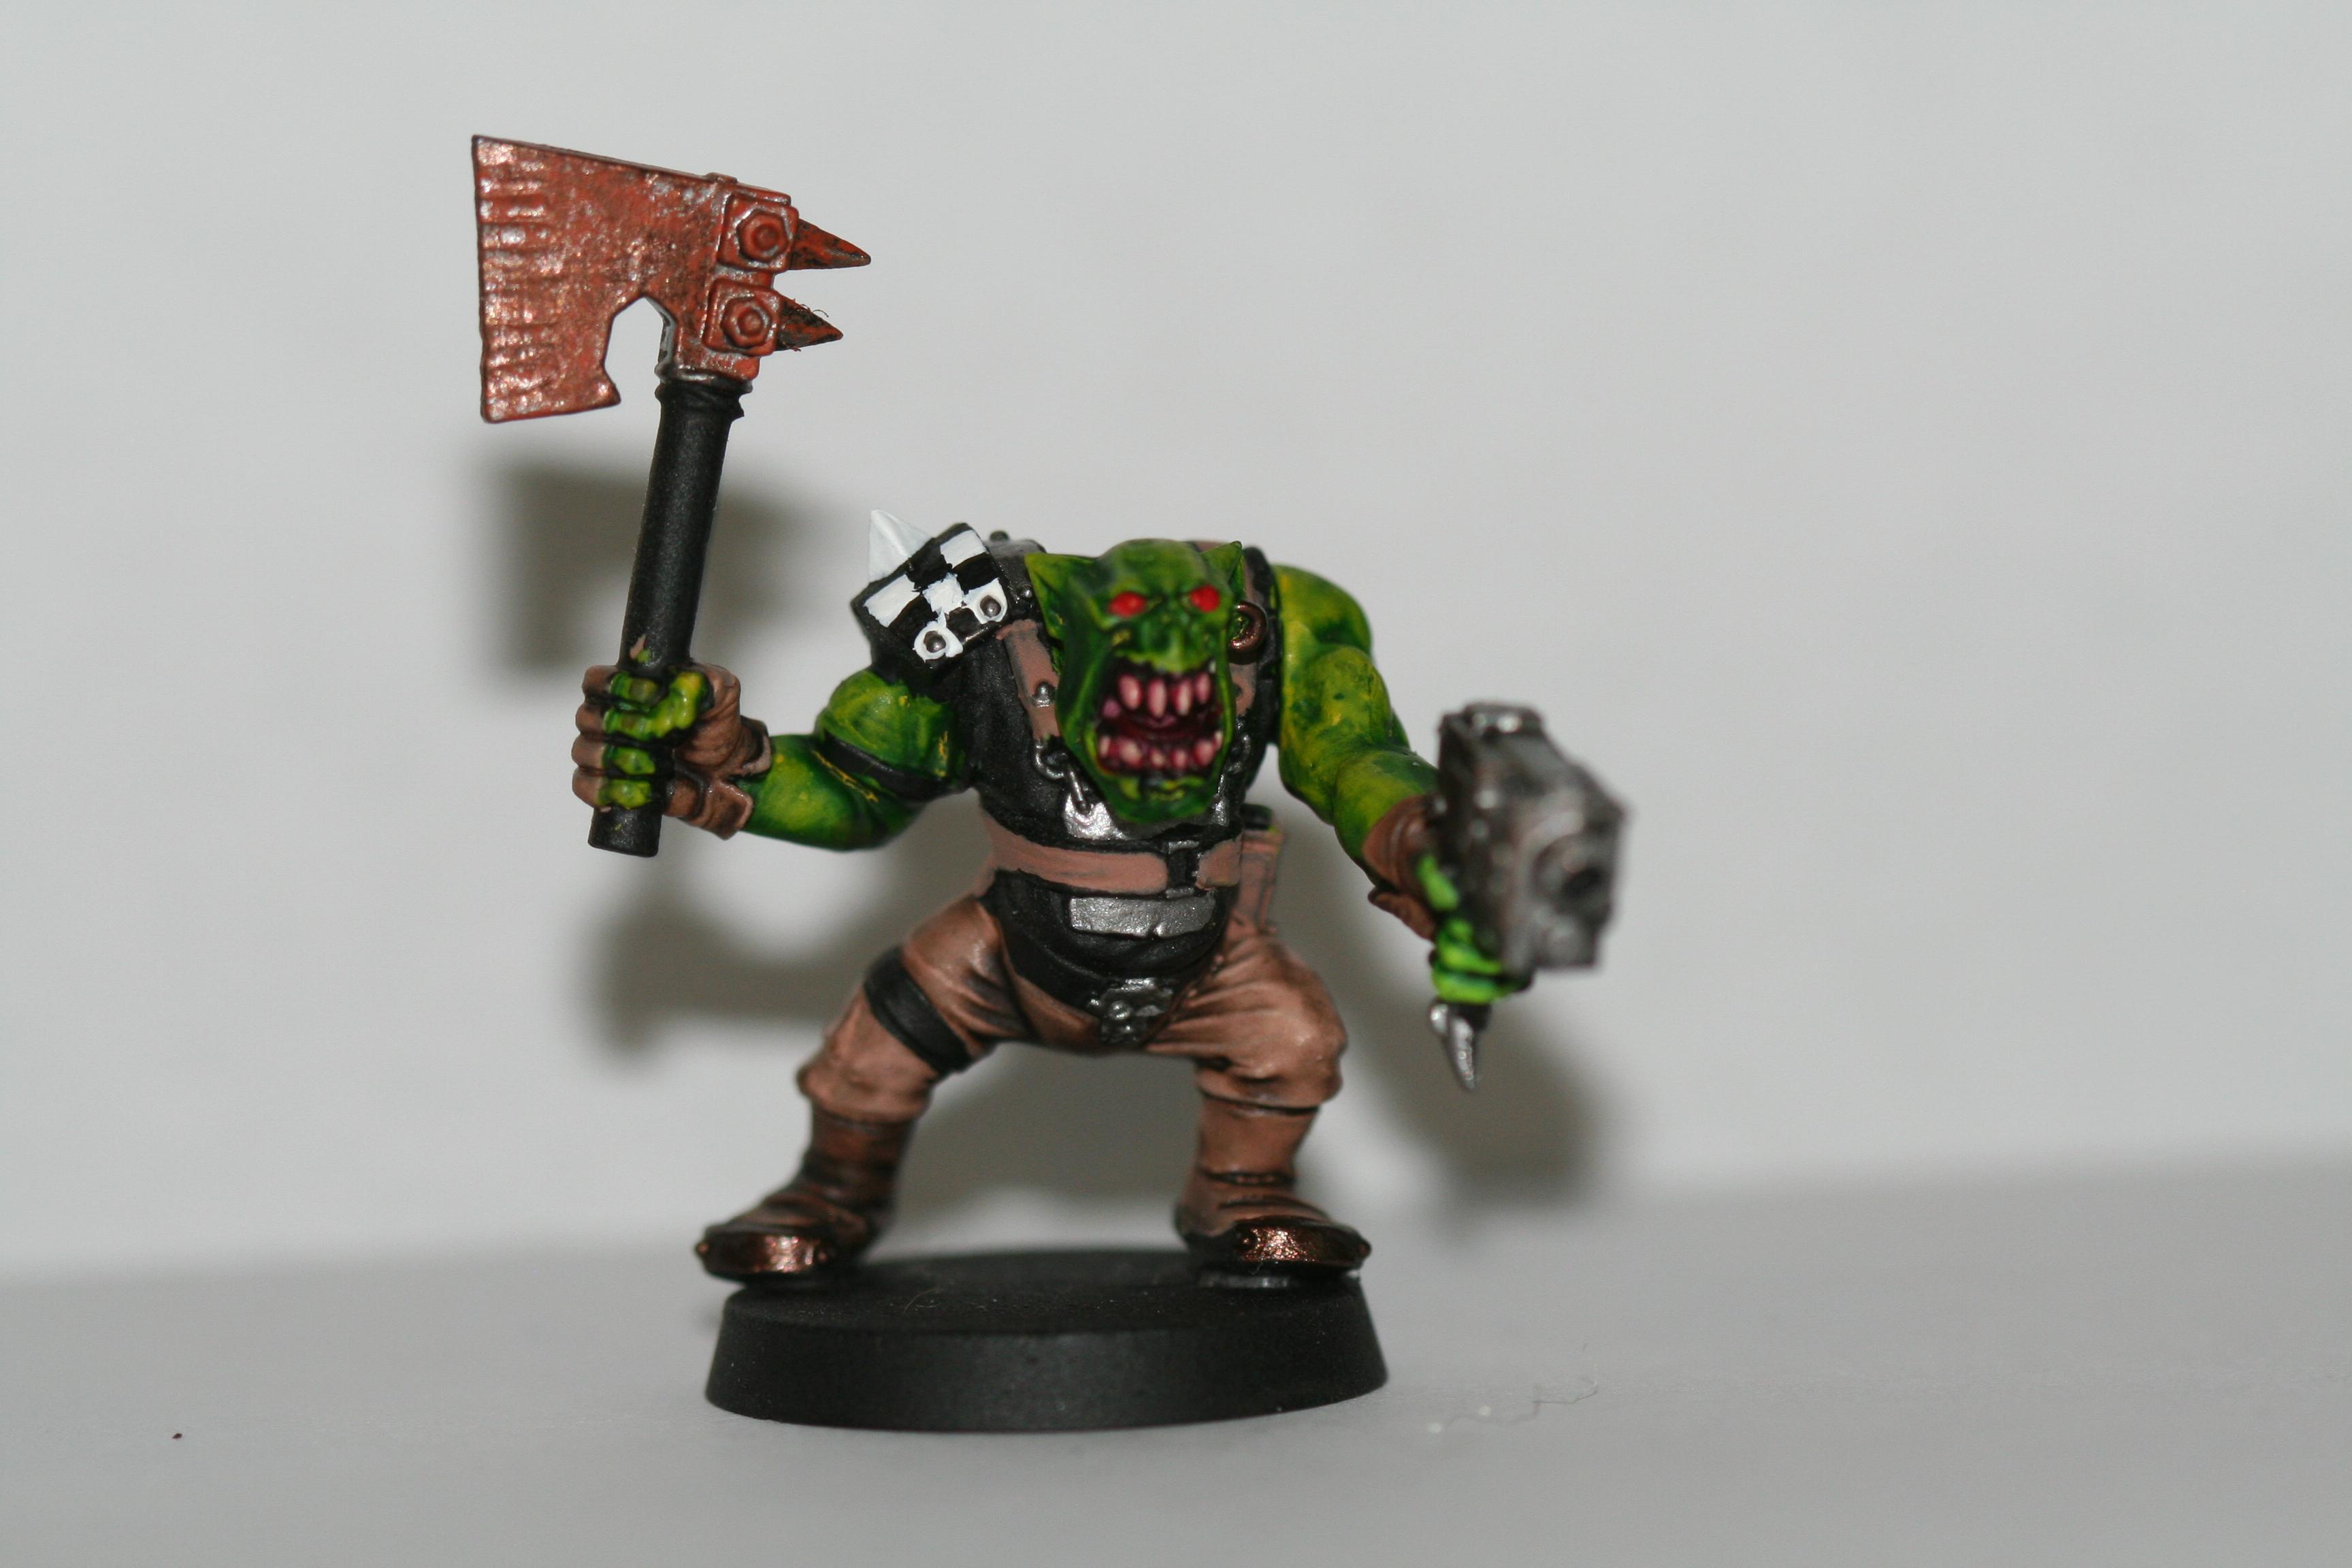 Unfinished Ork boy